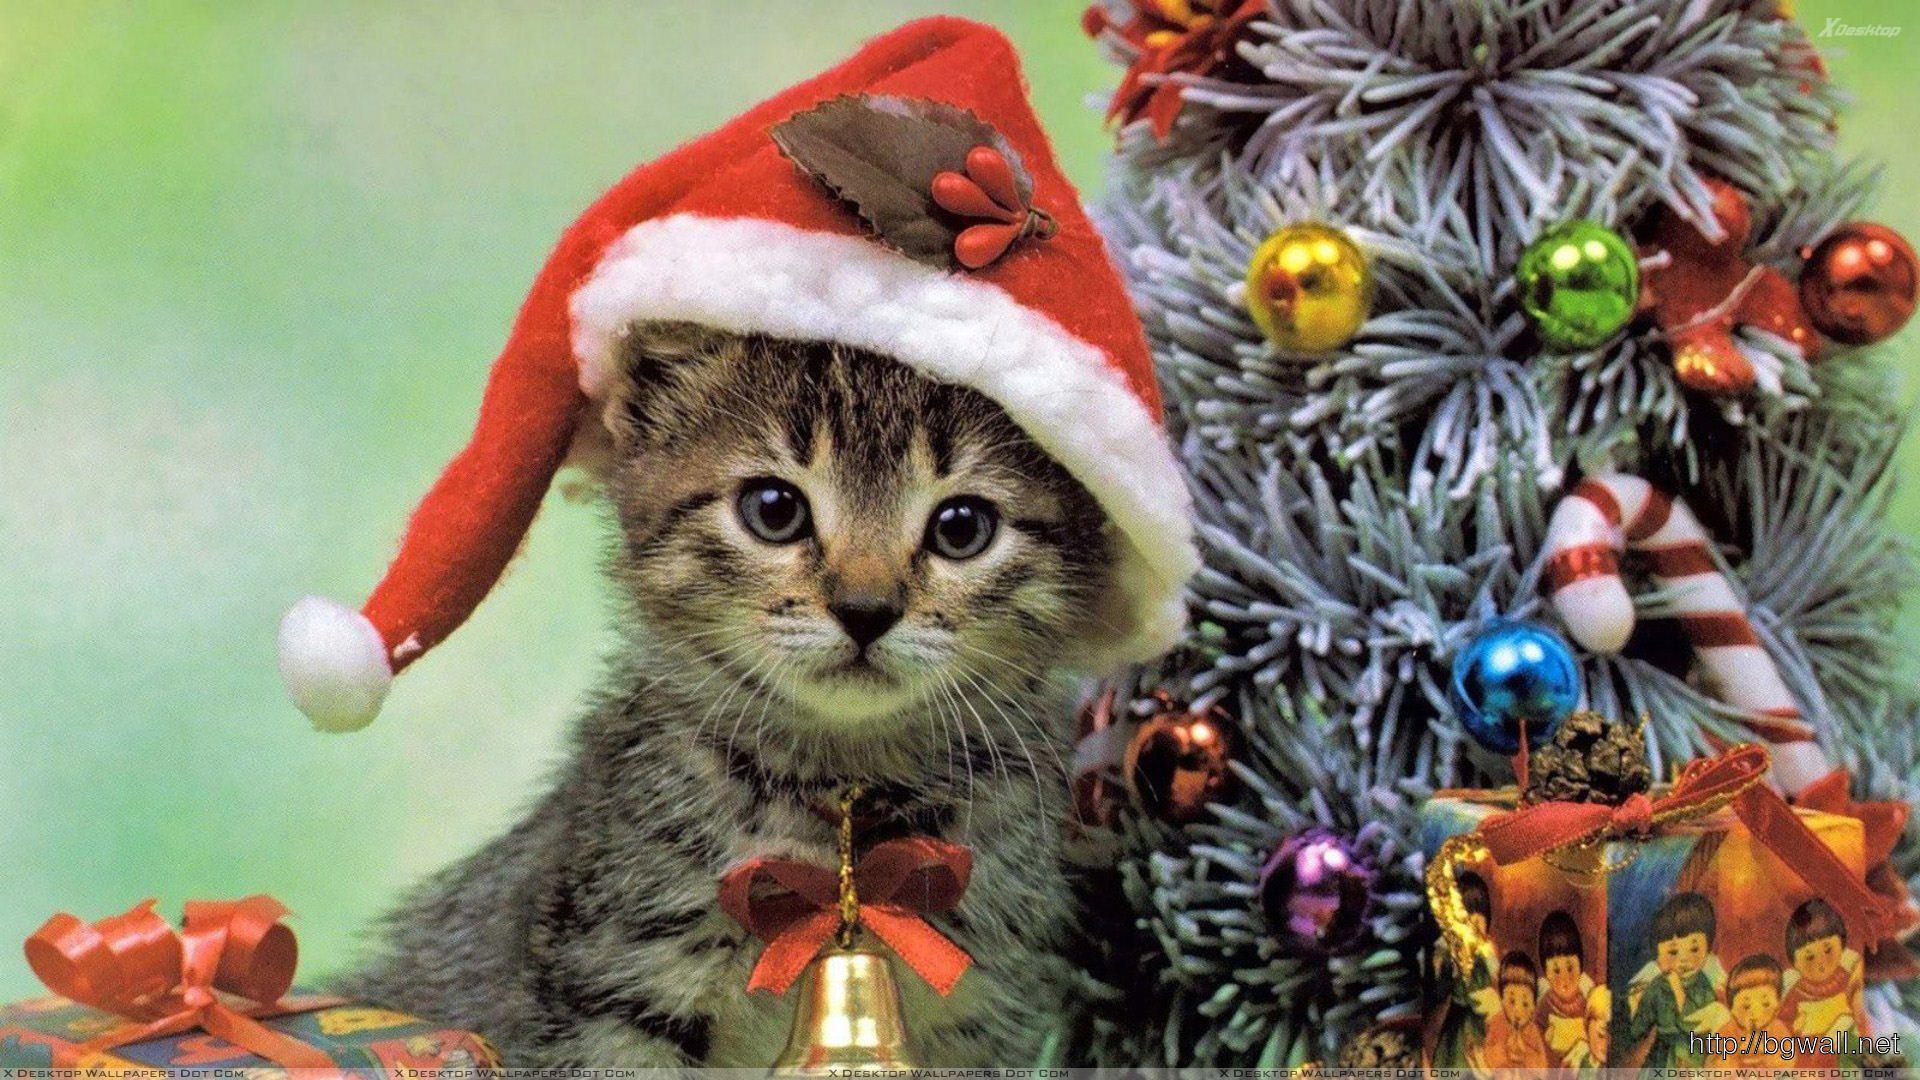 Little Cat On Christmas Eve Wallpaper Full Size